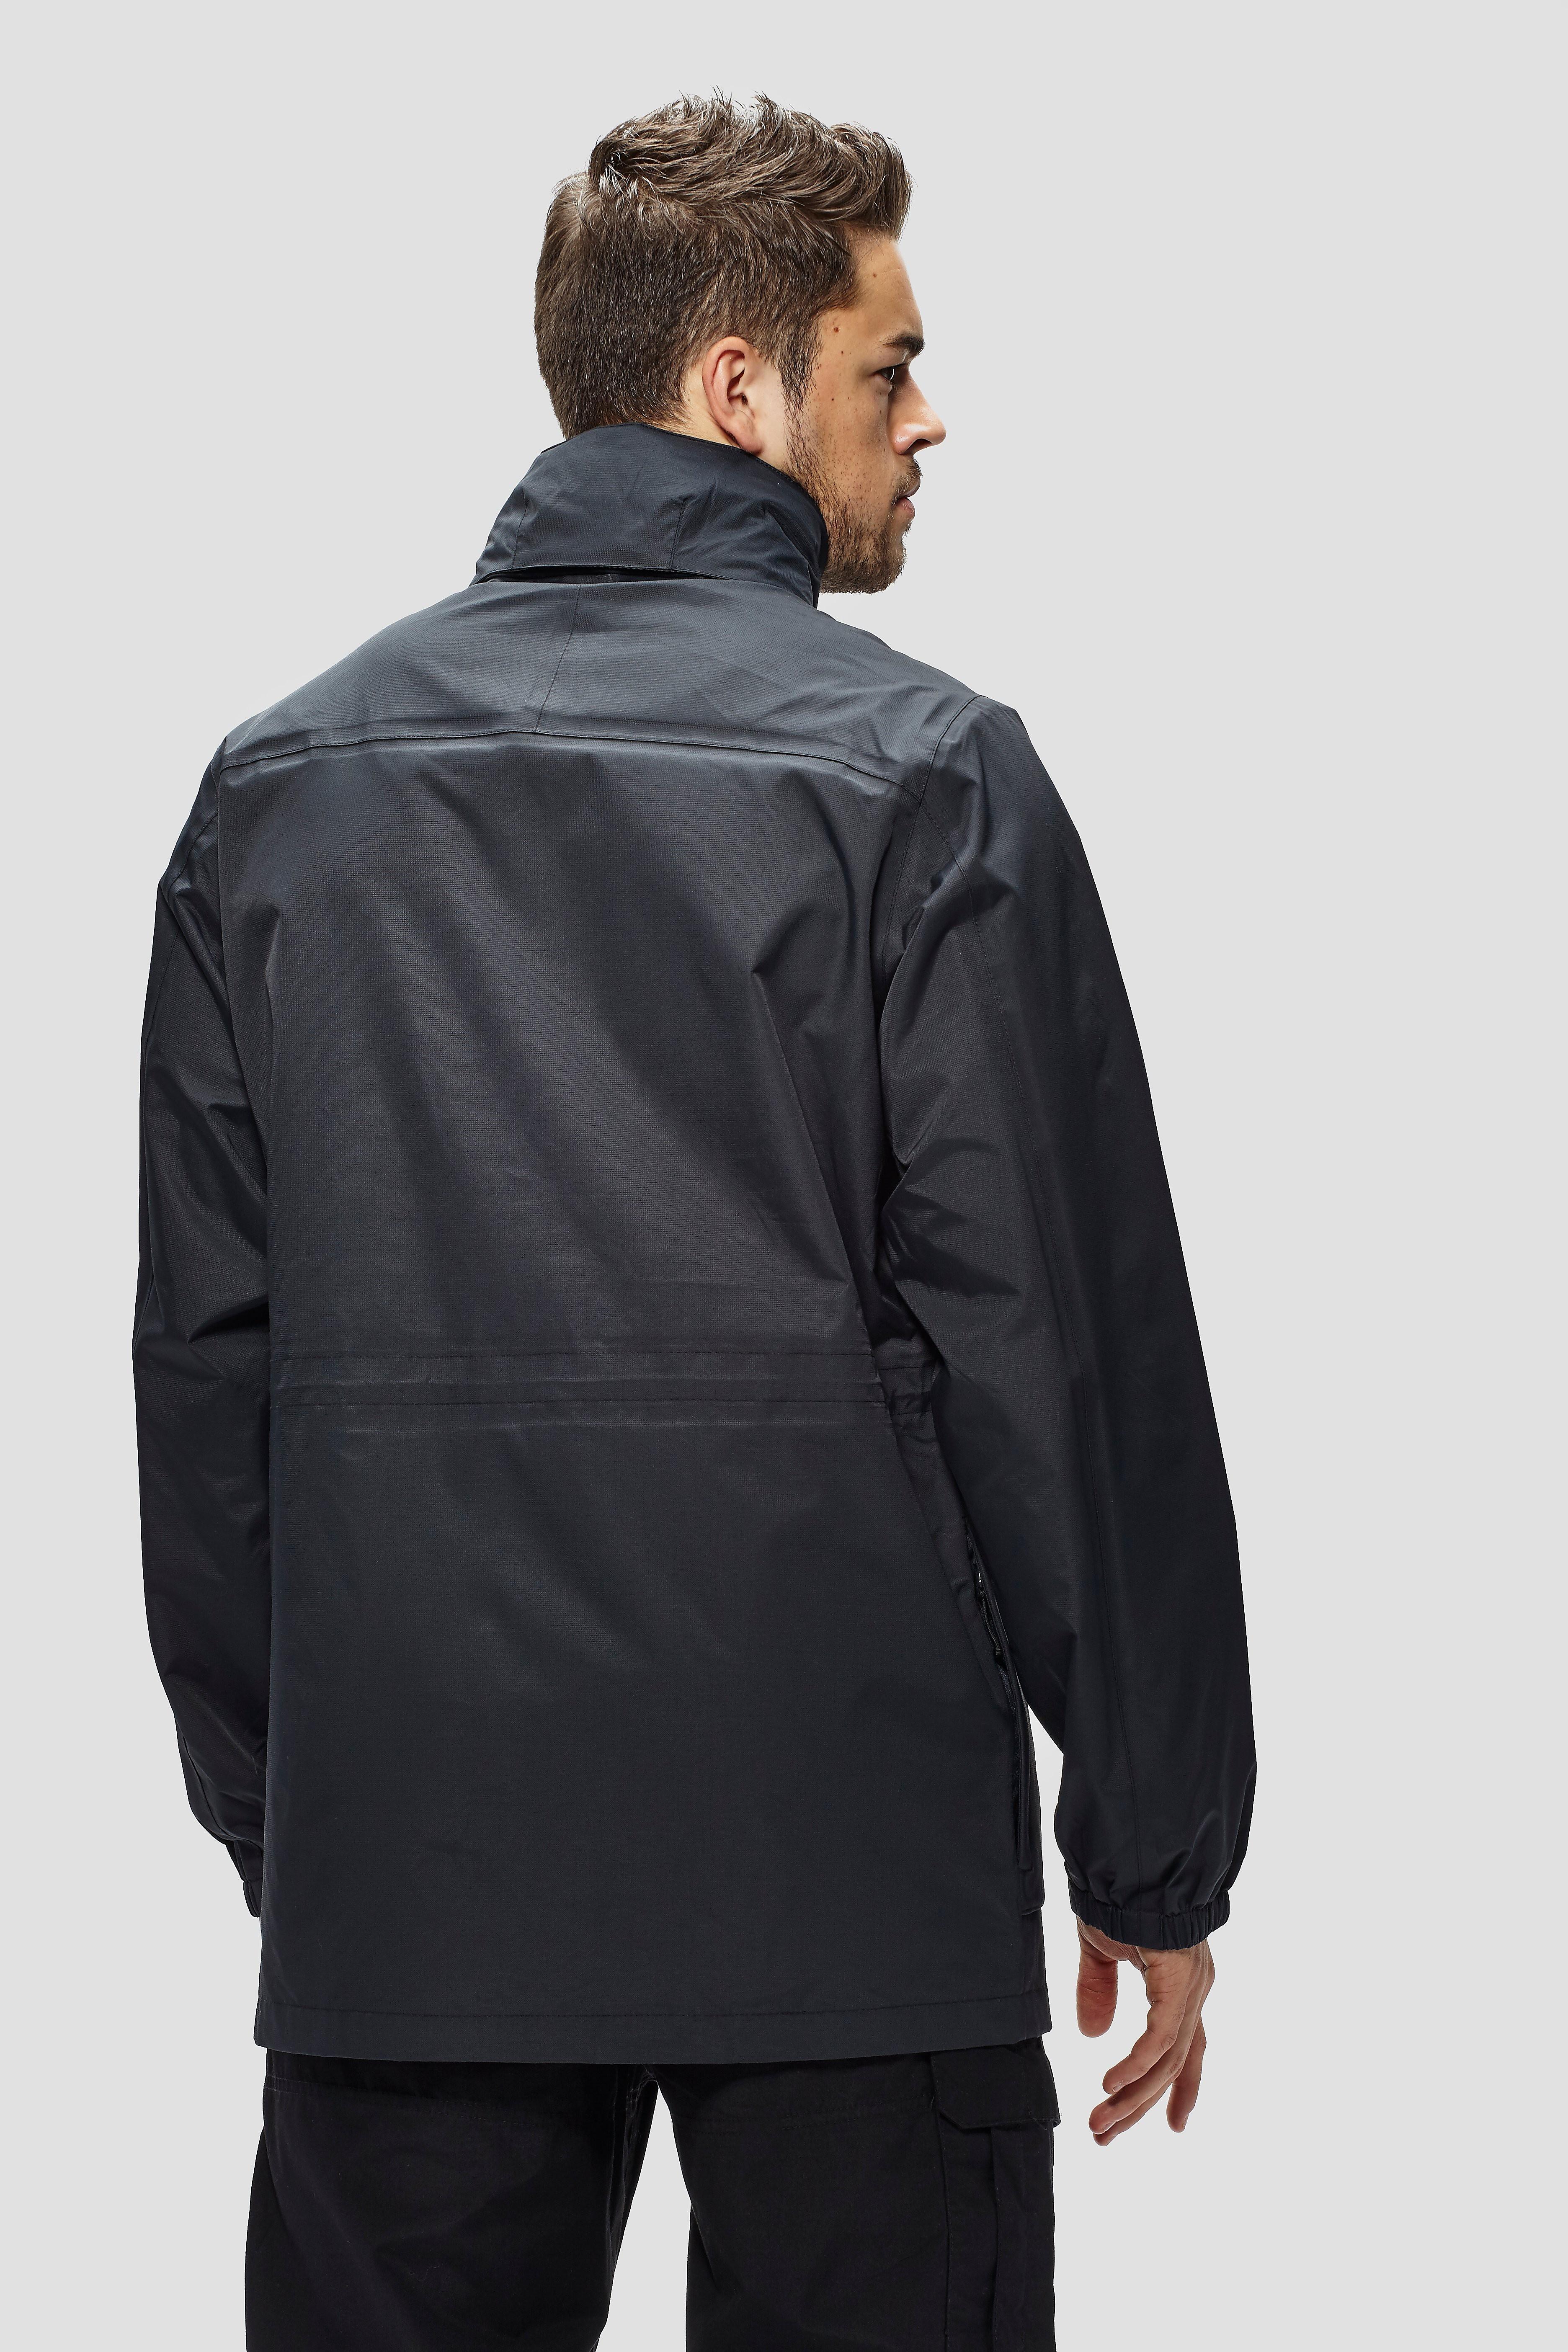 Peter Storm Men's Cyclone II Waterproof Jacket